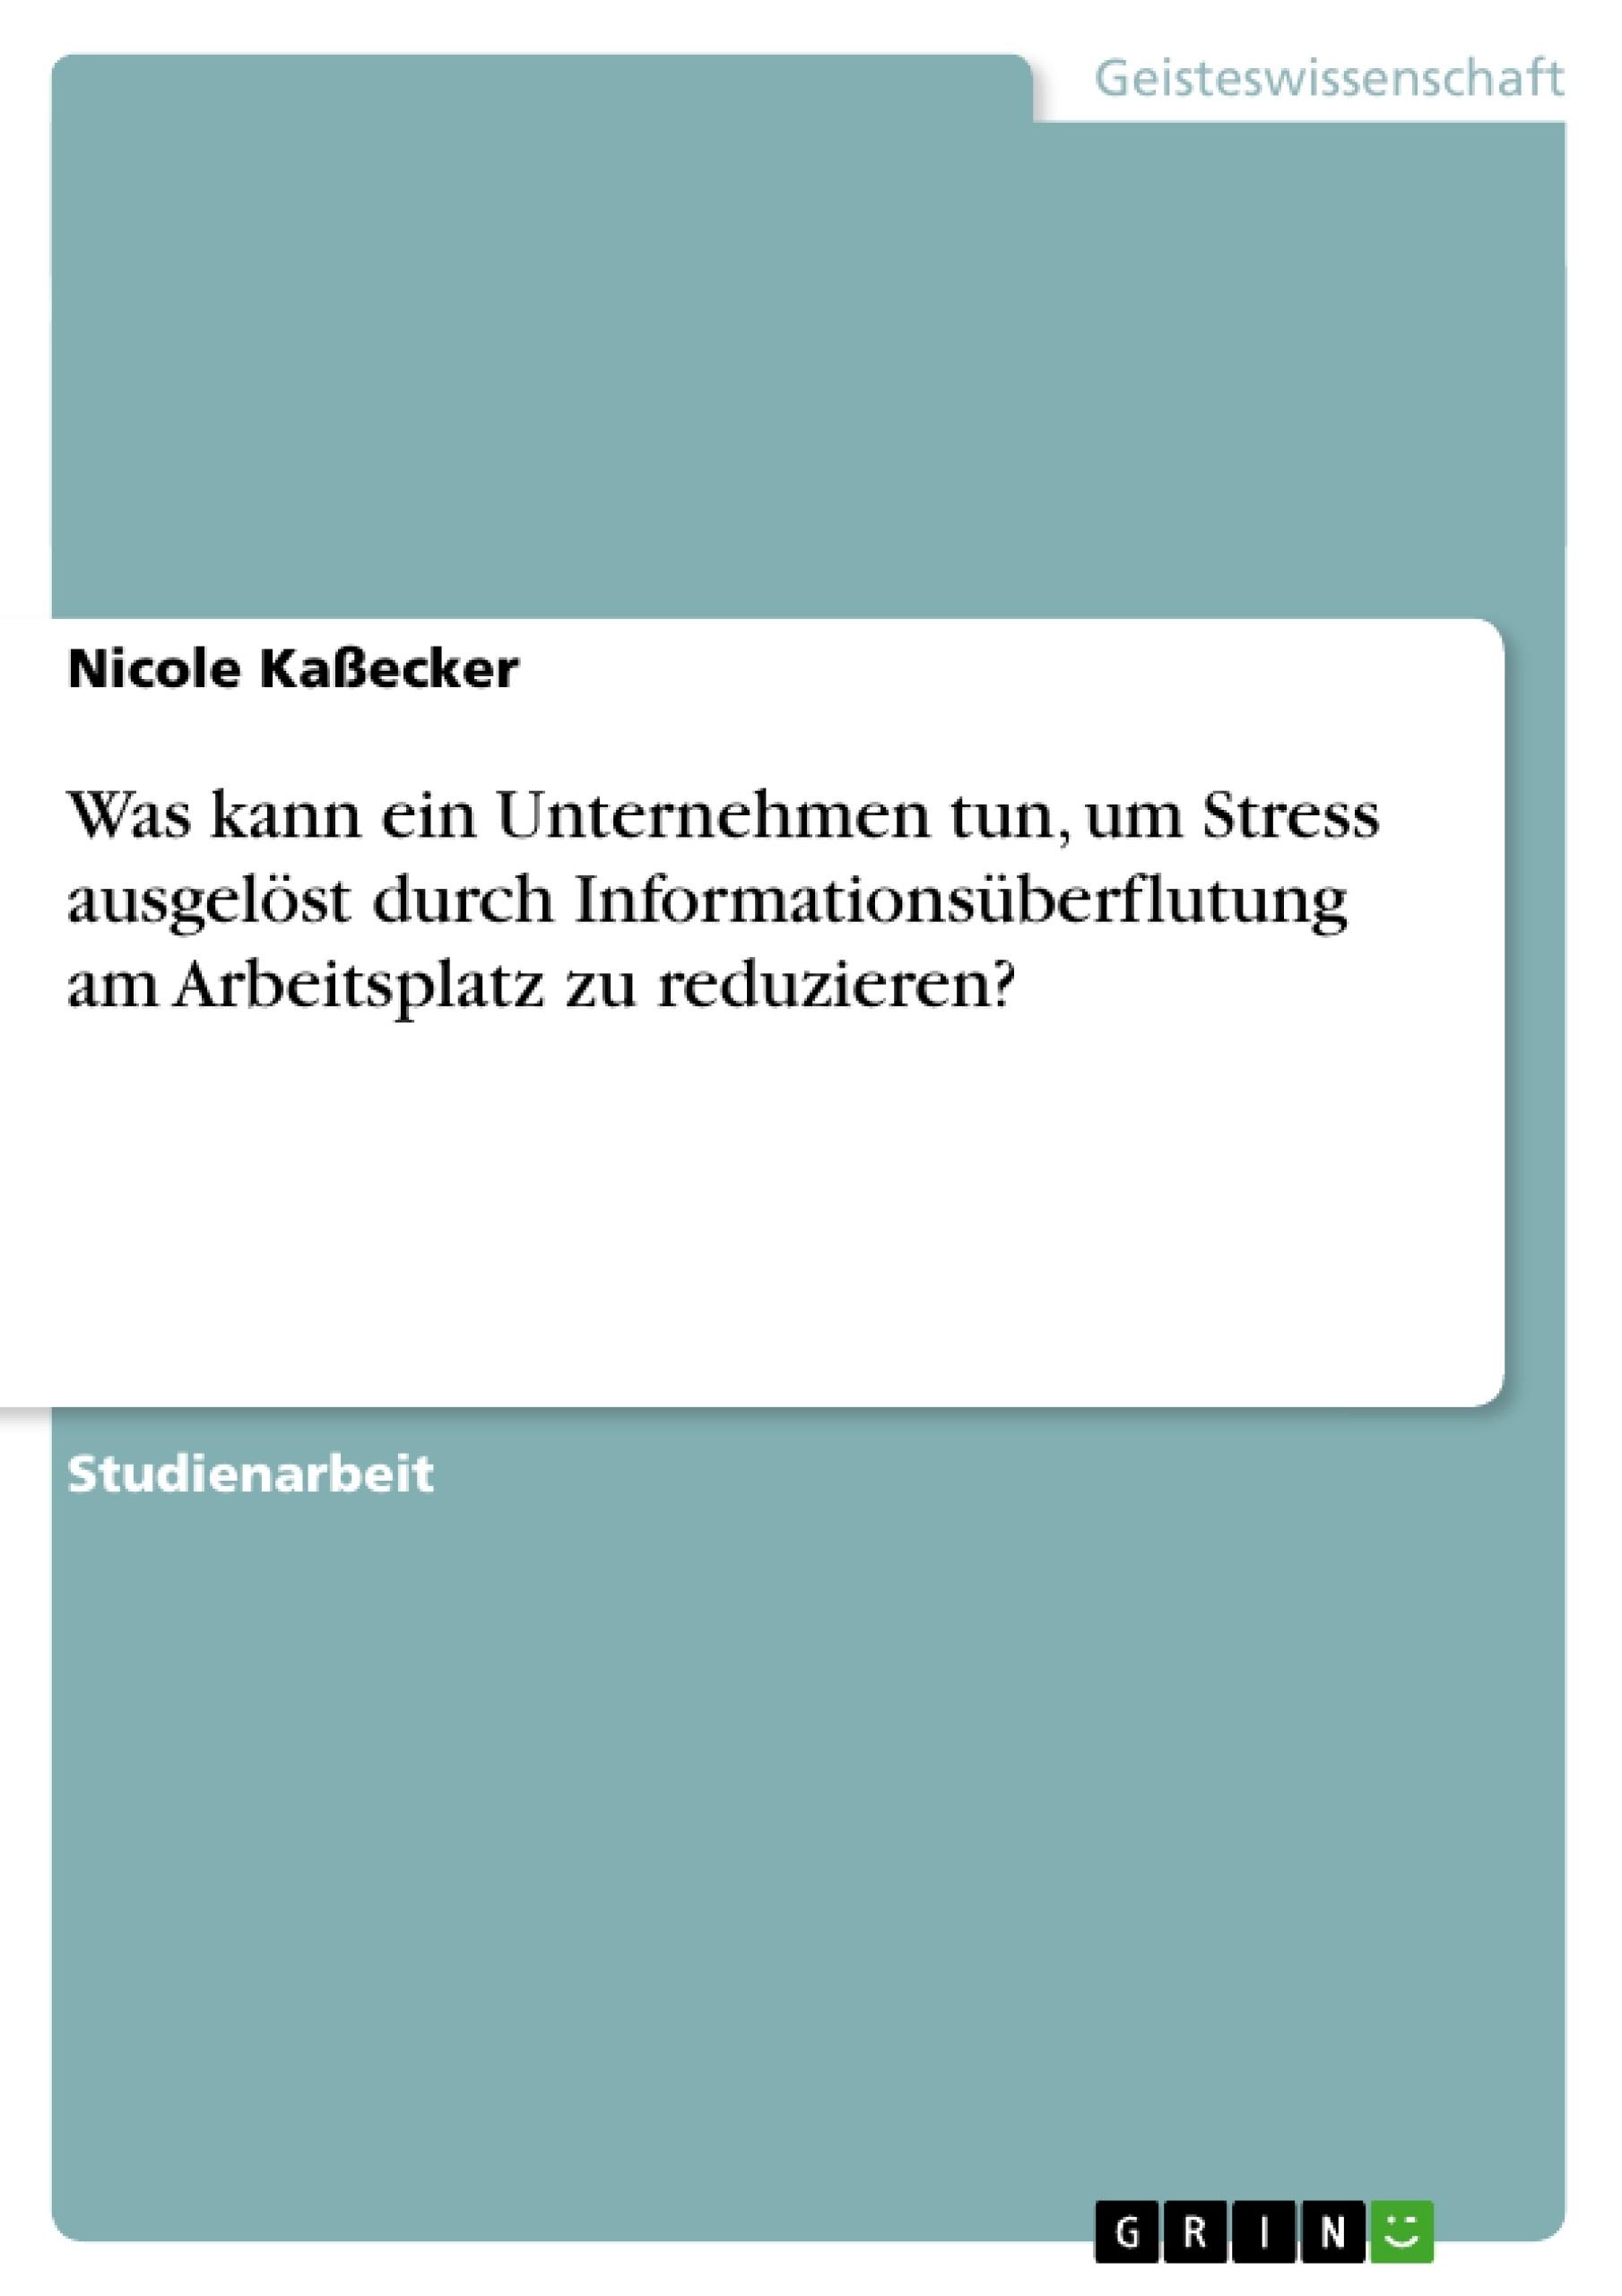 Titel: Was kann ein Unternehmen tun, um Stress ausgelöst durch Informationsüberflutung am Arbeitsplatz zu reduzieren?